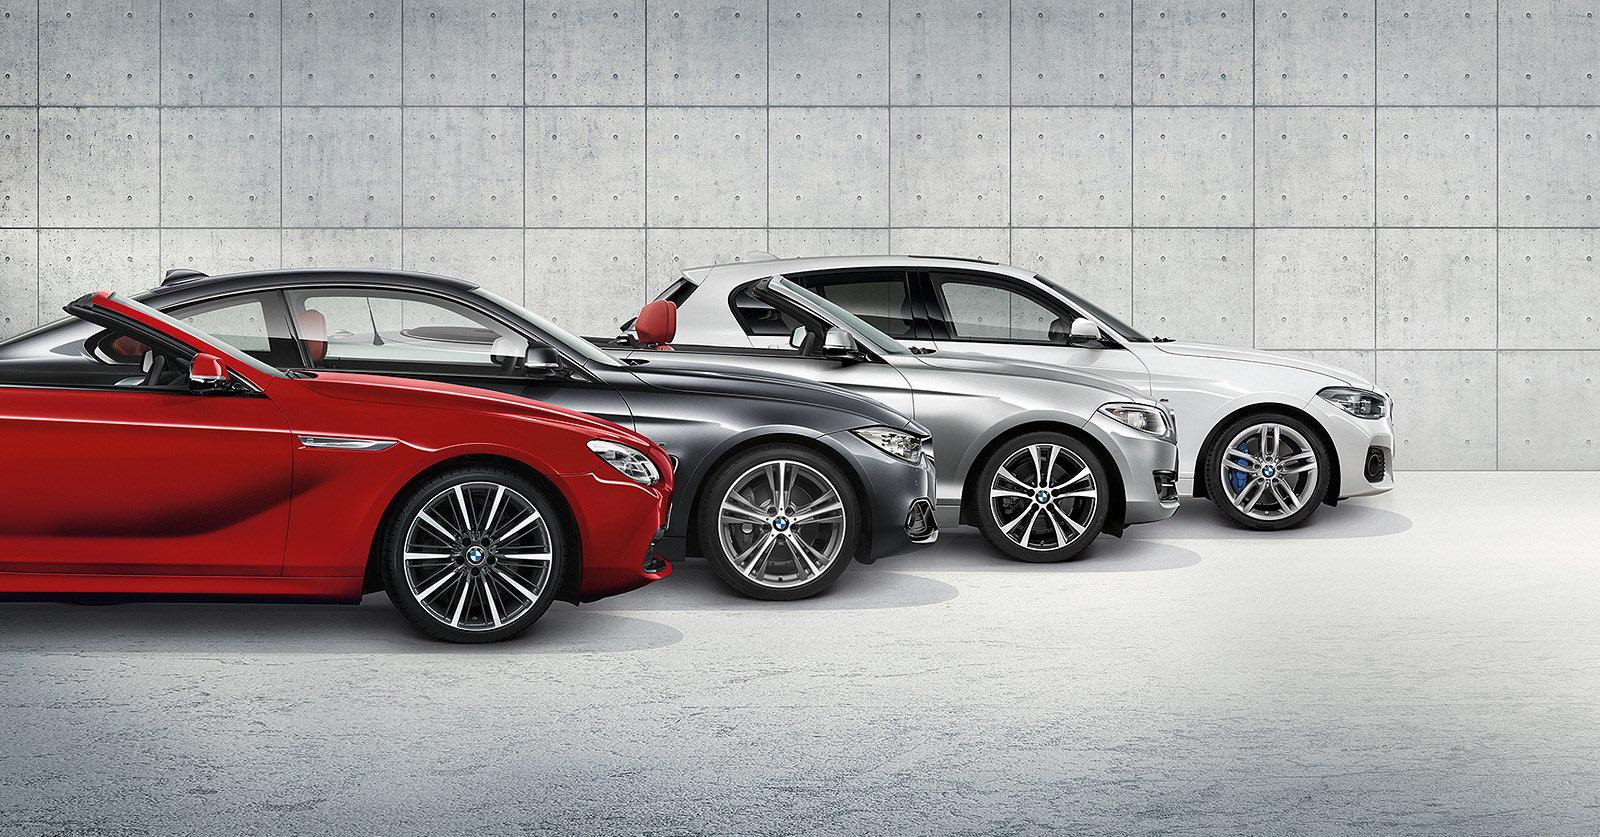 BMW recall on all BMW models